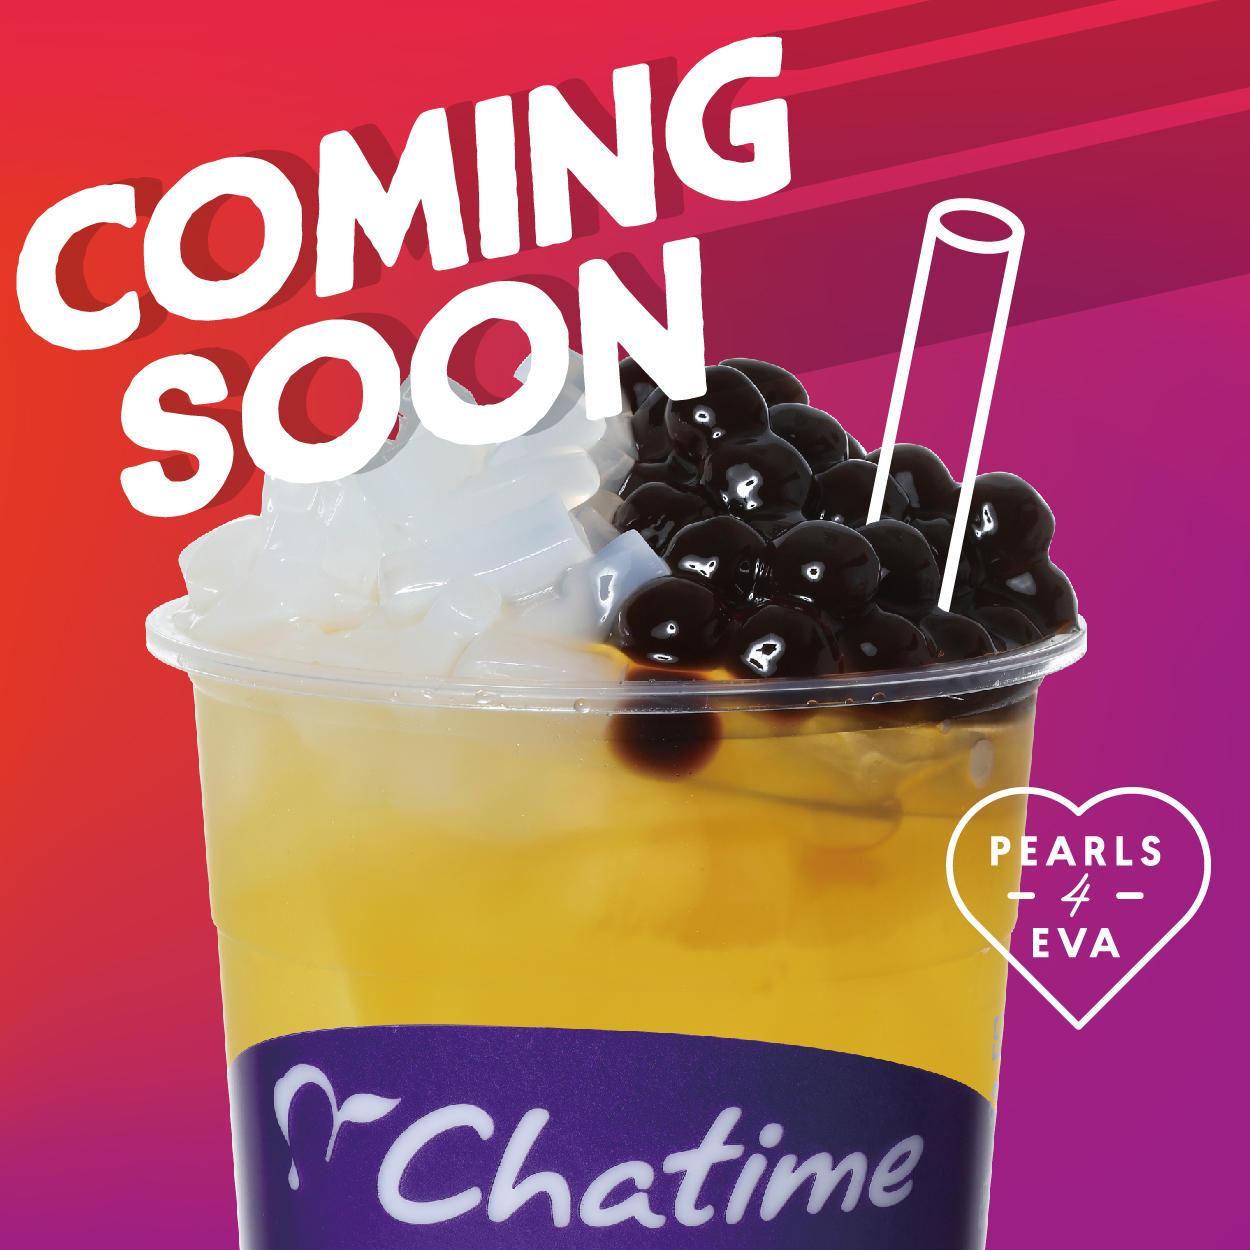 Chatime Bubble Tea & Slurping Noodles image 8